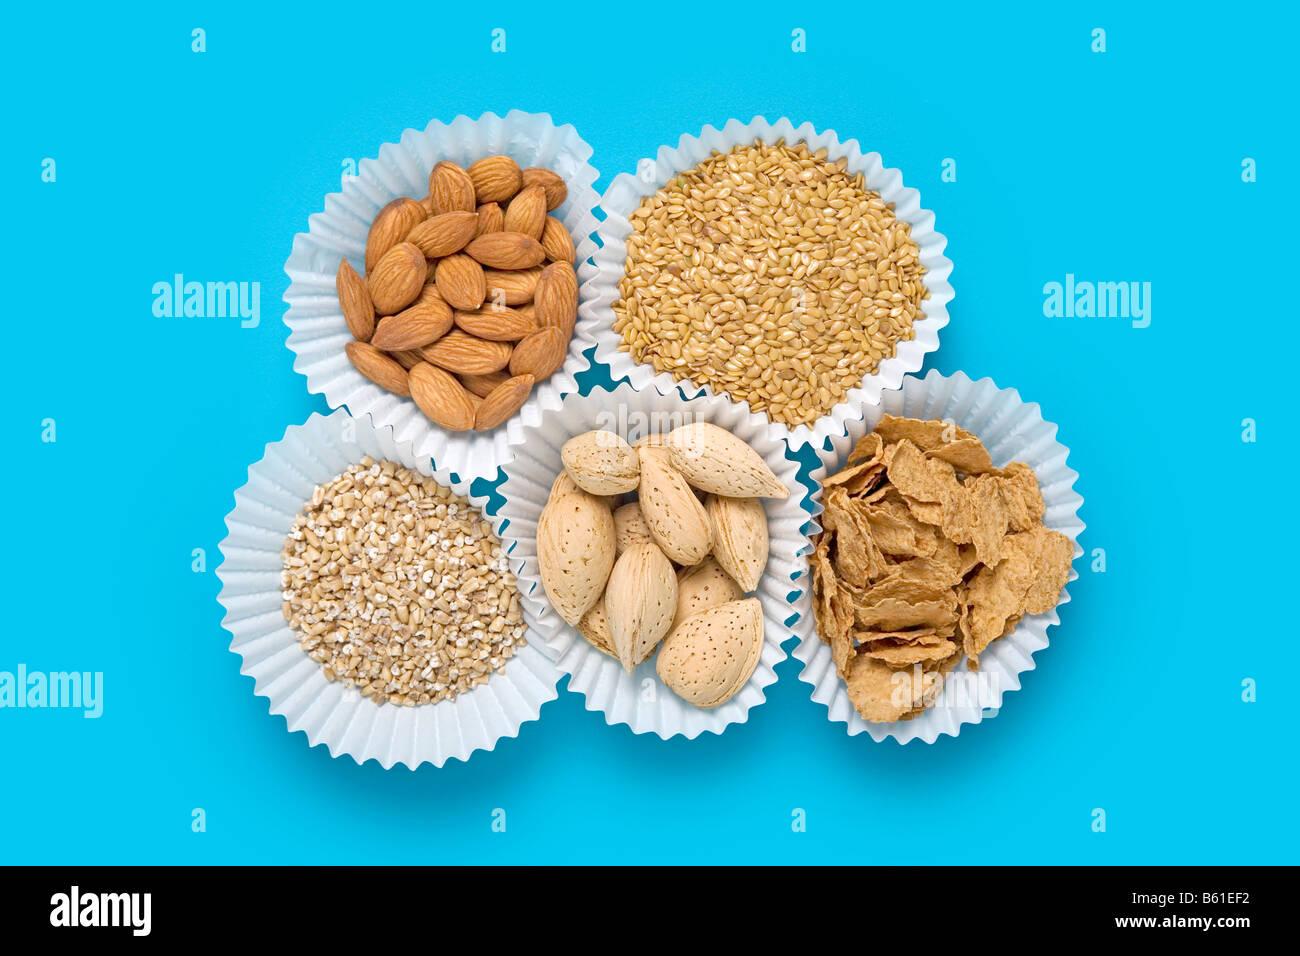 Les graines de lin, amandes, céréales, gruau, couper l'acier Amandes en coques Banque D'Images